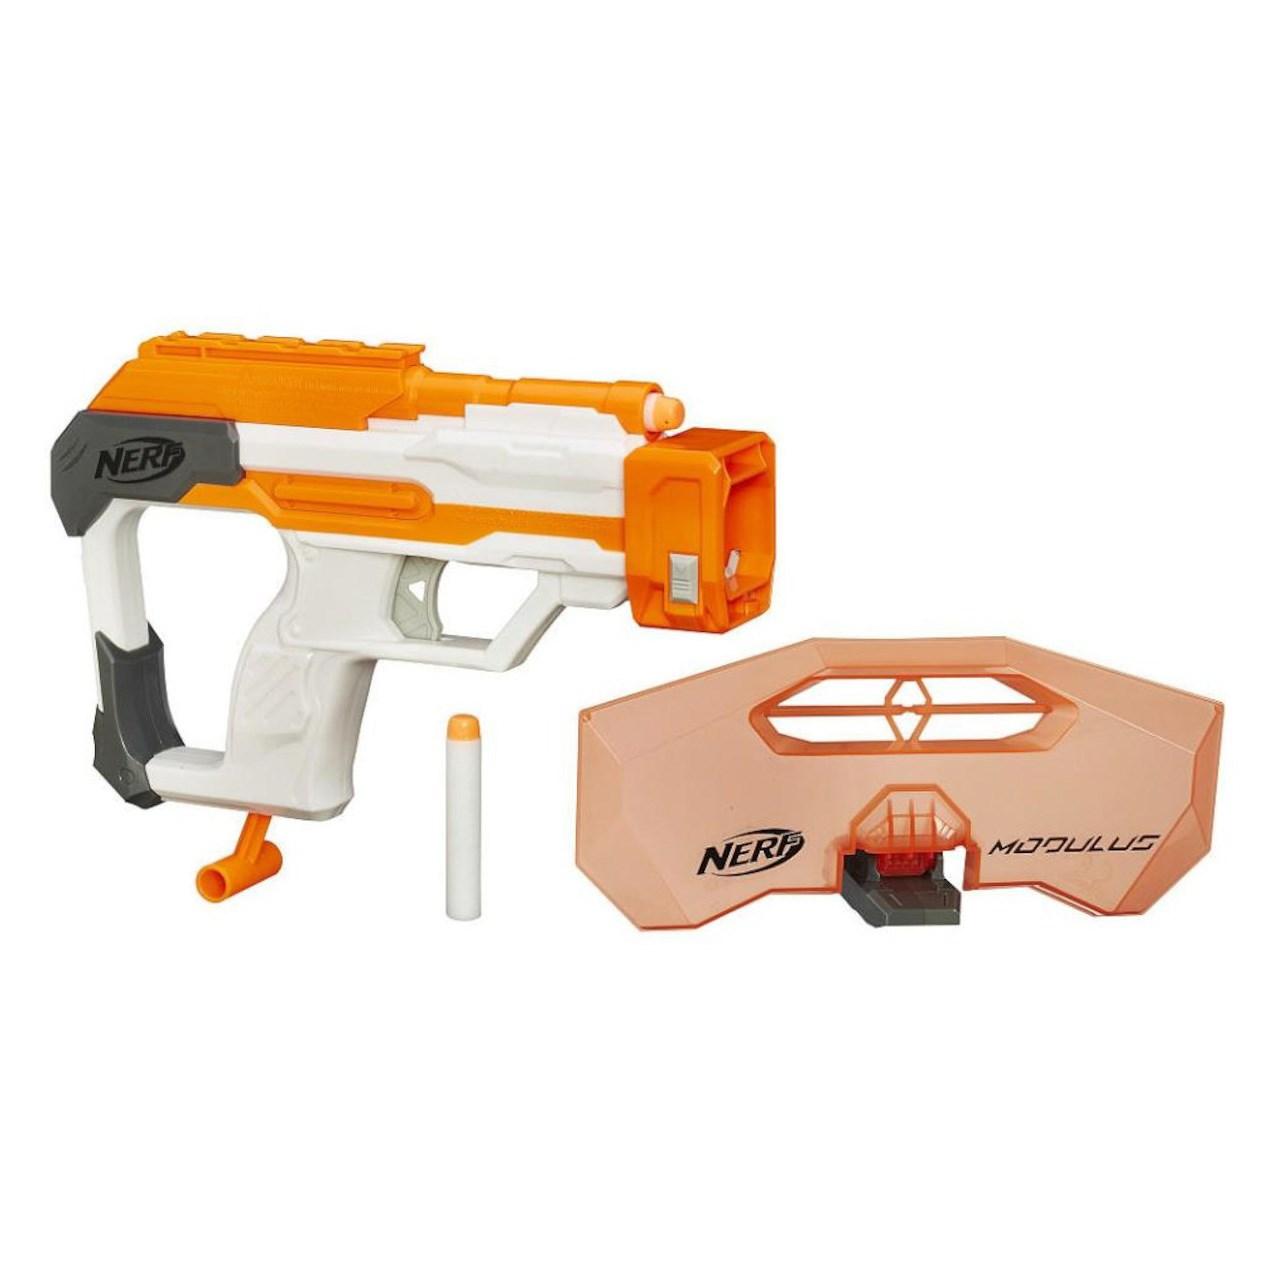 لوازم جانبی تفنگ نرف مدل B1536